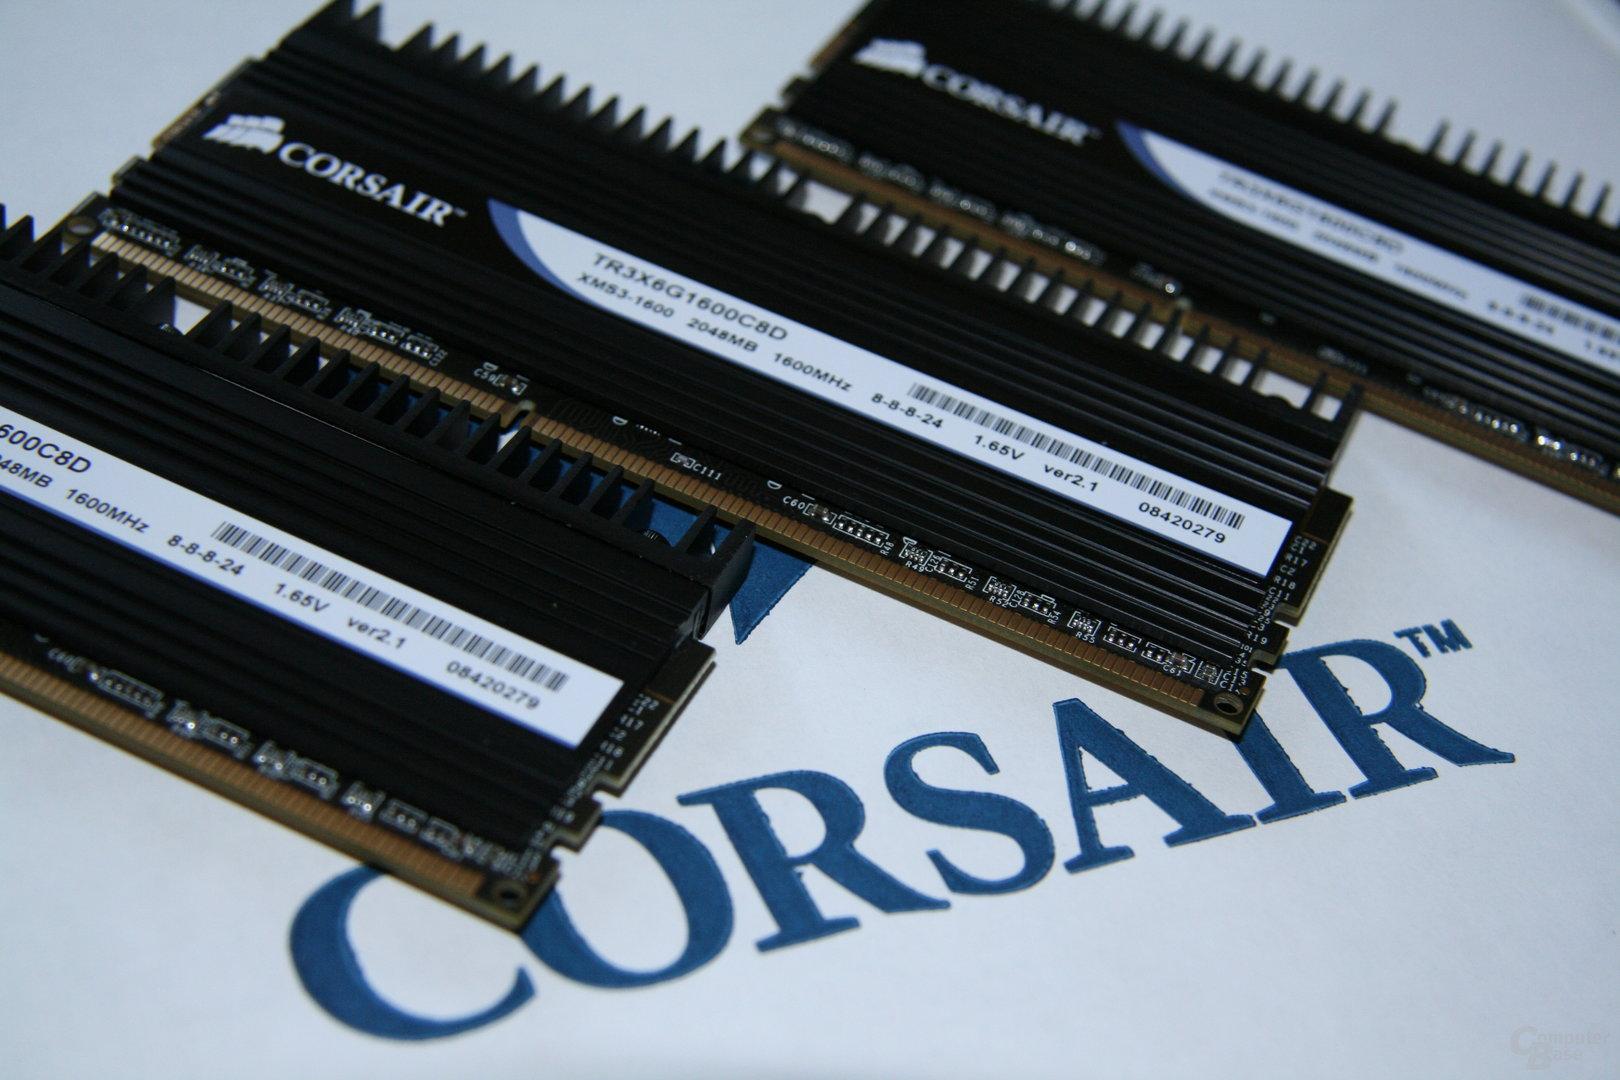 bei 1,65 VoltCorsair Dominator DDR3-1600 bei 1,65 Volt